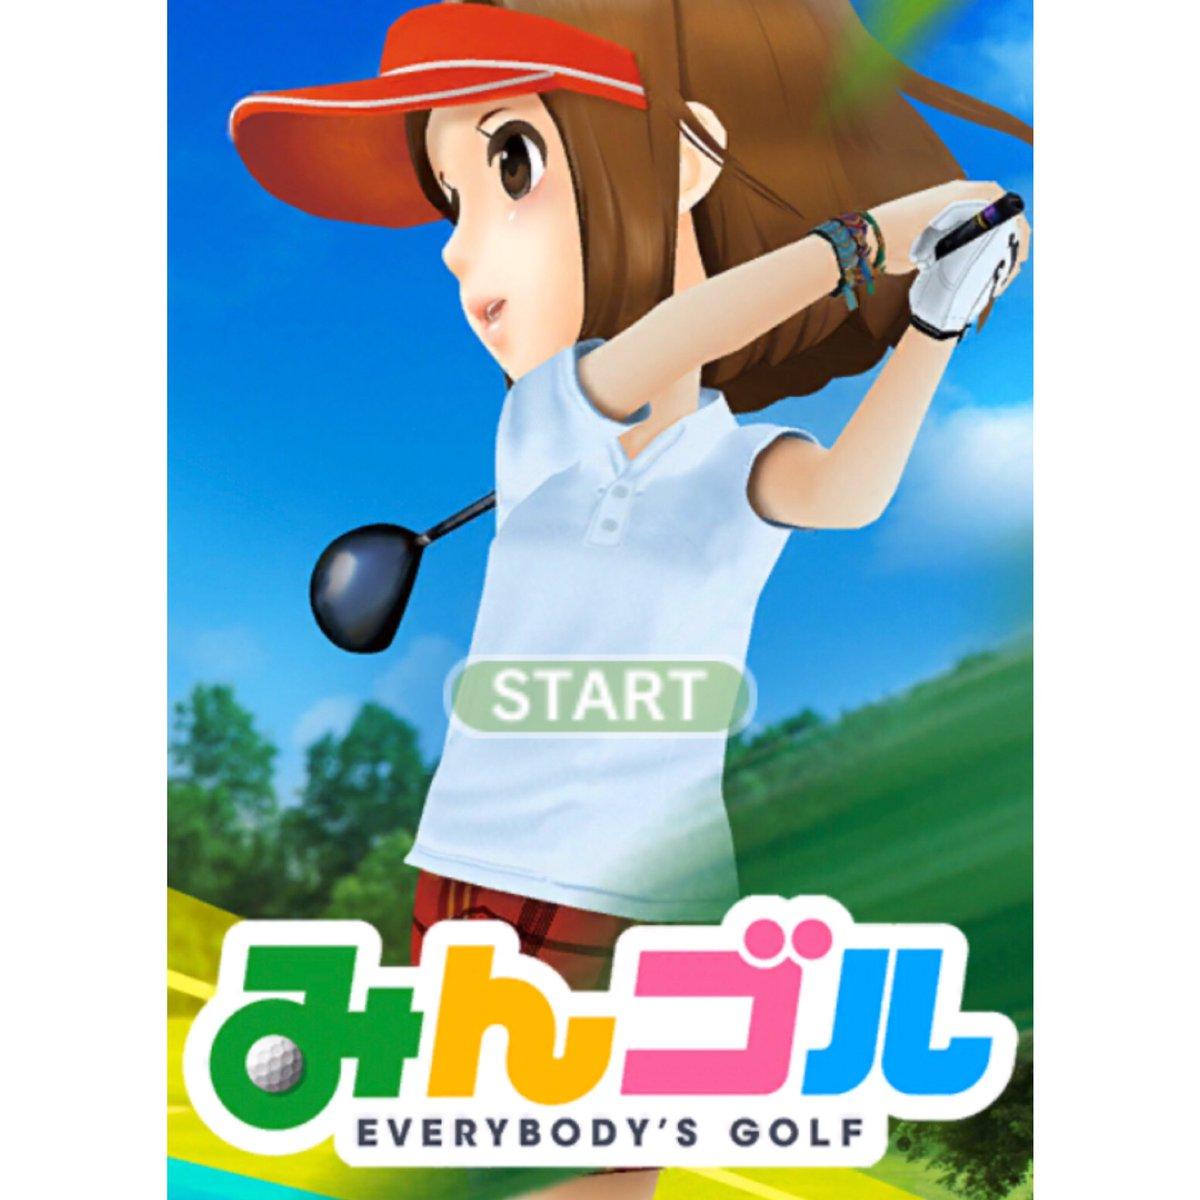 test ツイッターメディア - ゴルフを学ぶのにもよい『みんゴル』 ゲーム🎮ハマり中✨  #ゴルフ初心者はこれをしてルールを覚えなさい🔰DAIKIプロから教わりました!笑  初心者の方はもちろん、初心者ではない方も楽しめるゲームなので是非やってみてください!😊   シミュレーションゴルフ『クワトロ』 https://t.co/z7YyCrirwy